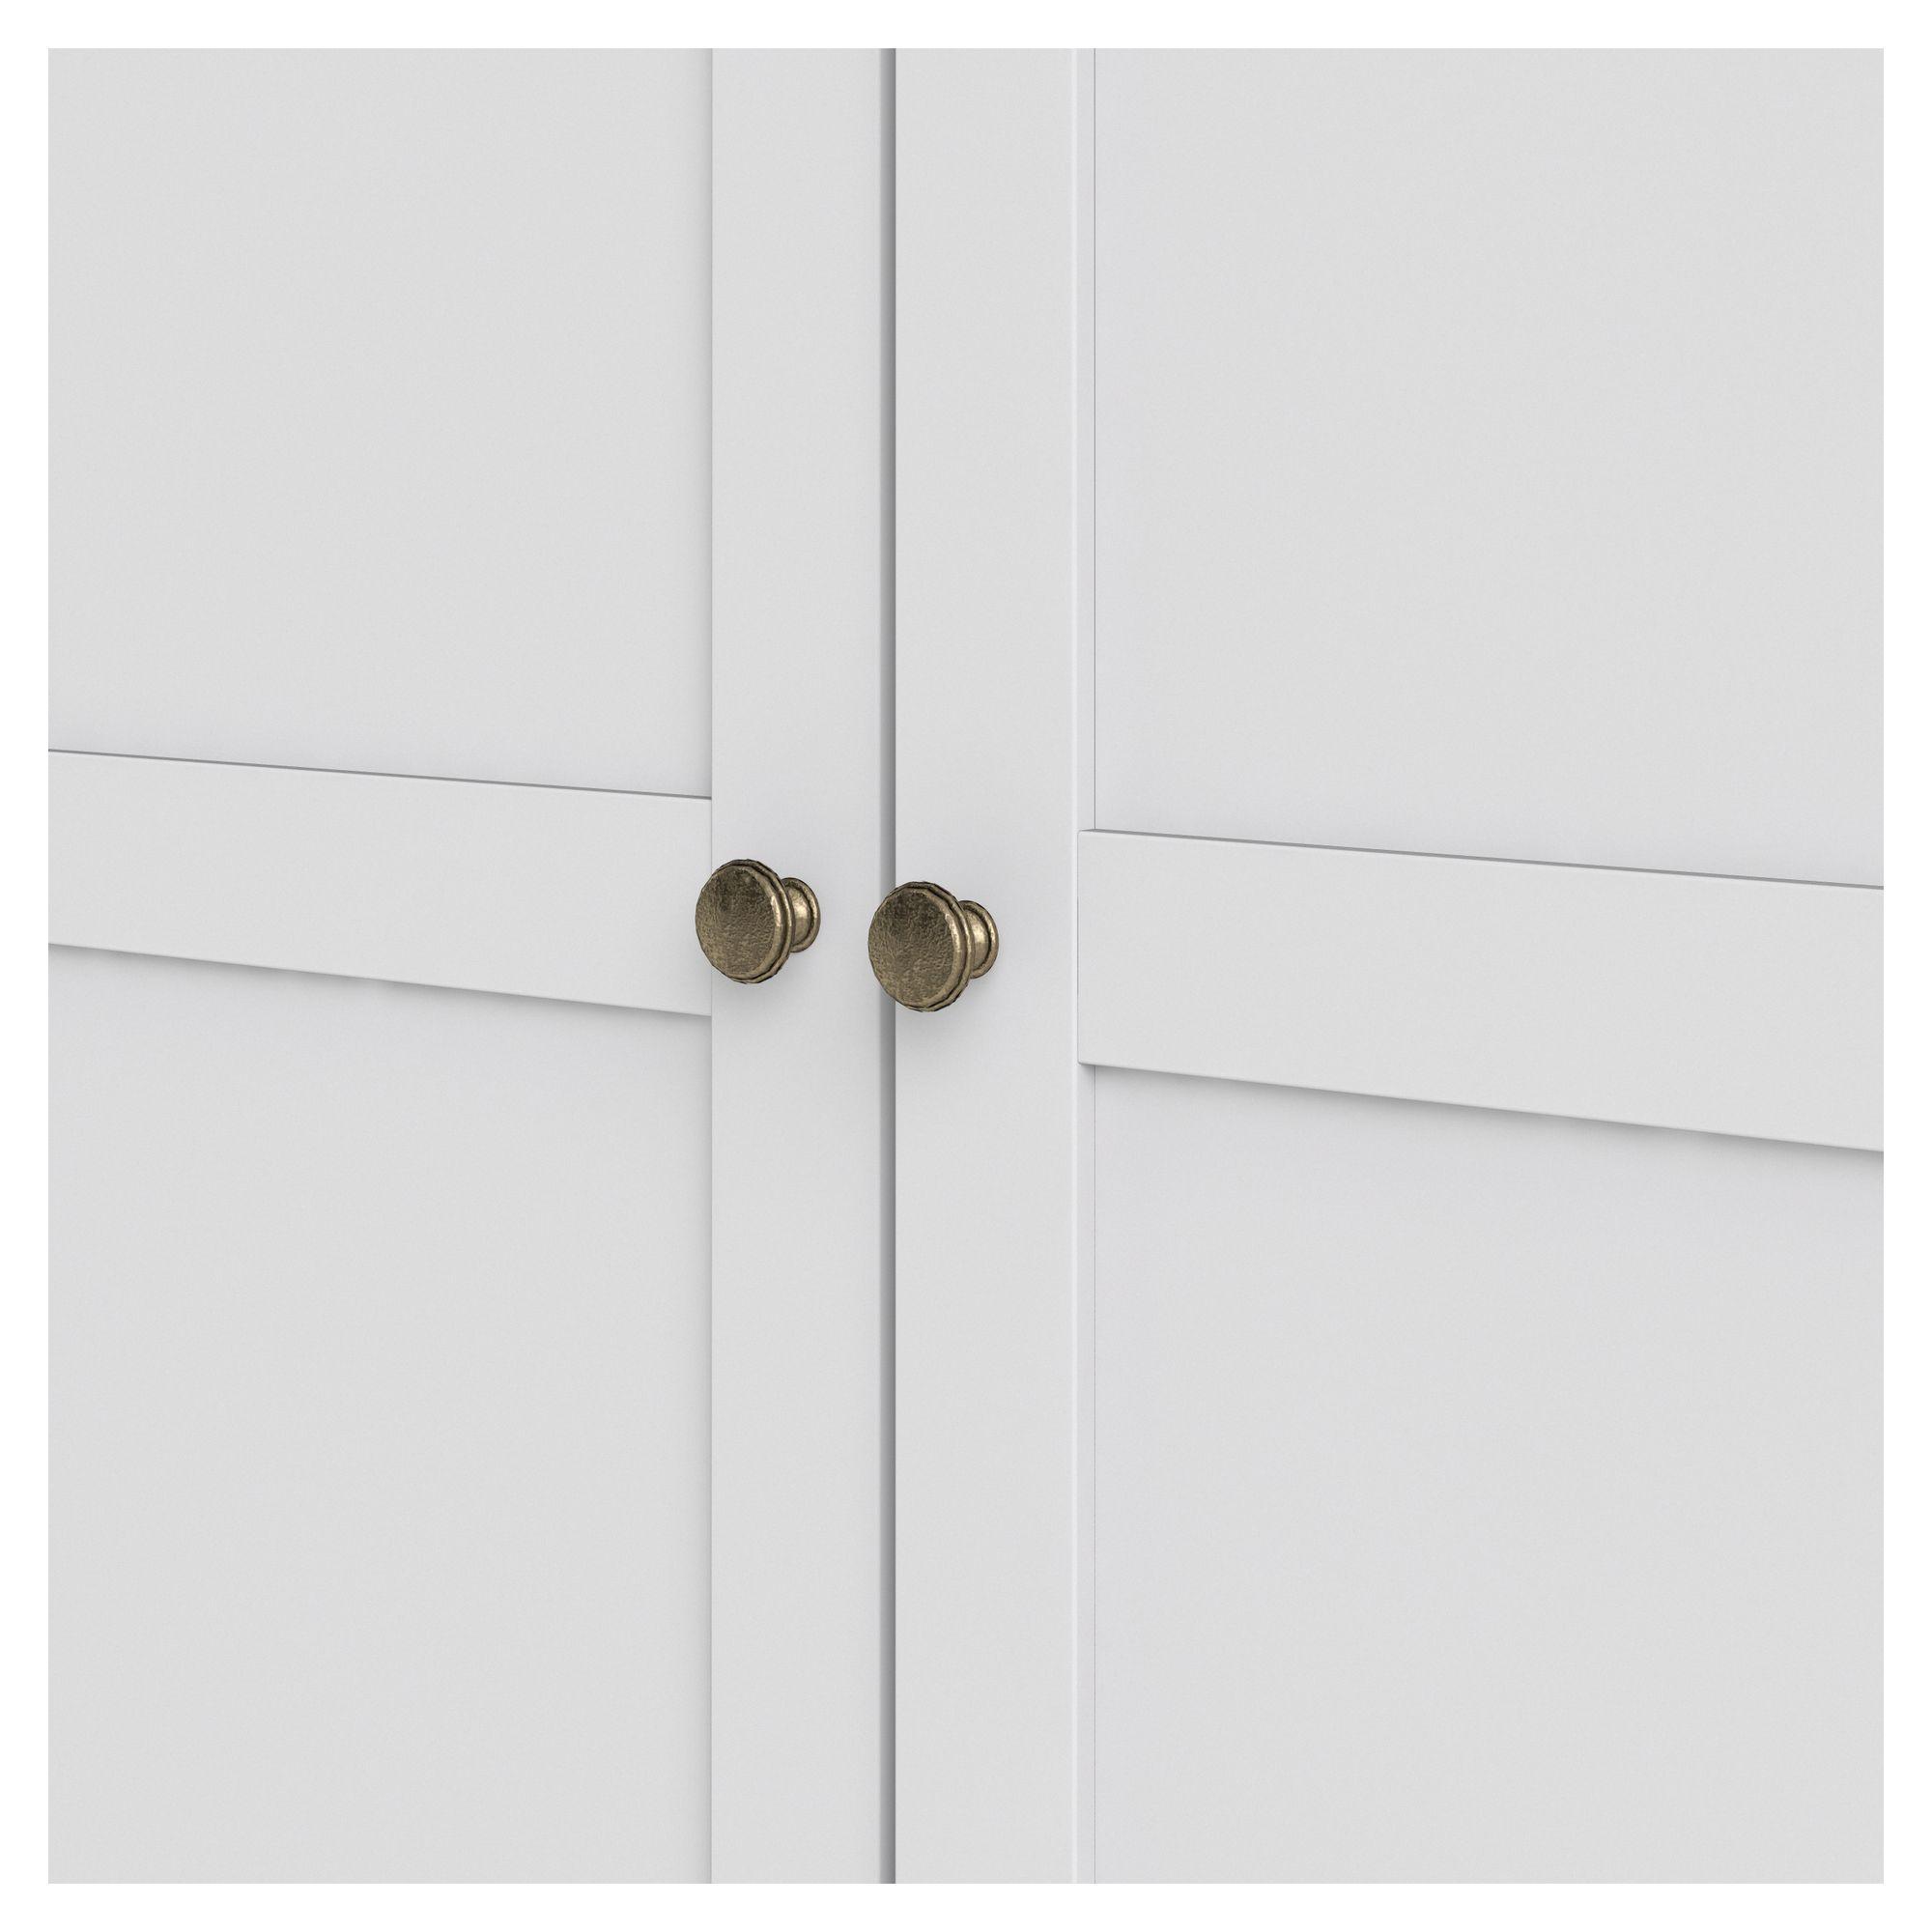 Paris Garderobeskab - Hvid B:96 H:200 - Hvidt garderobeskab med 2 låger